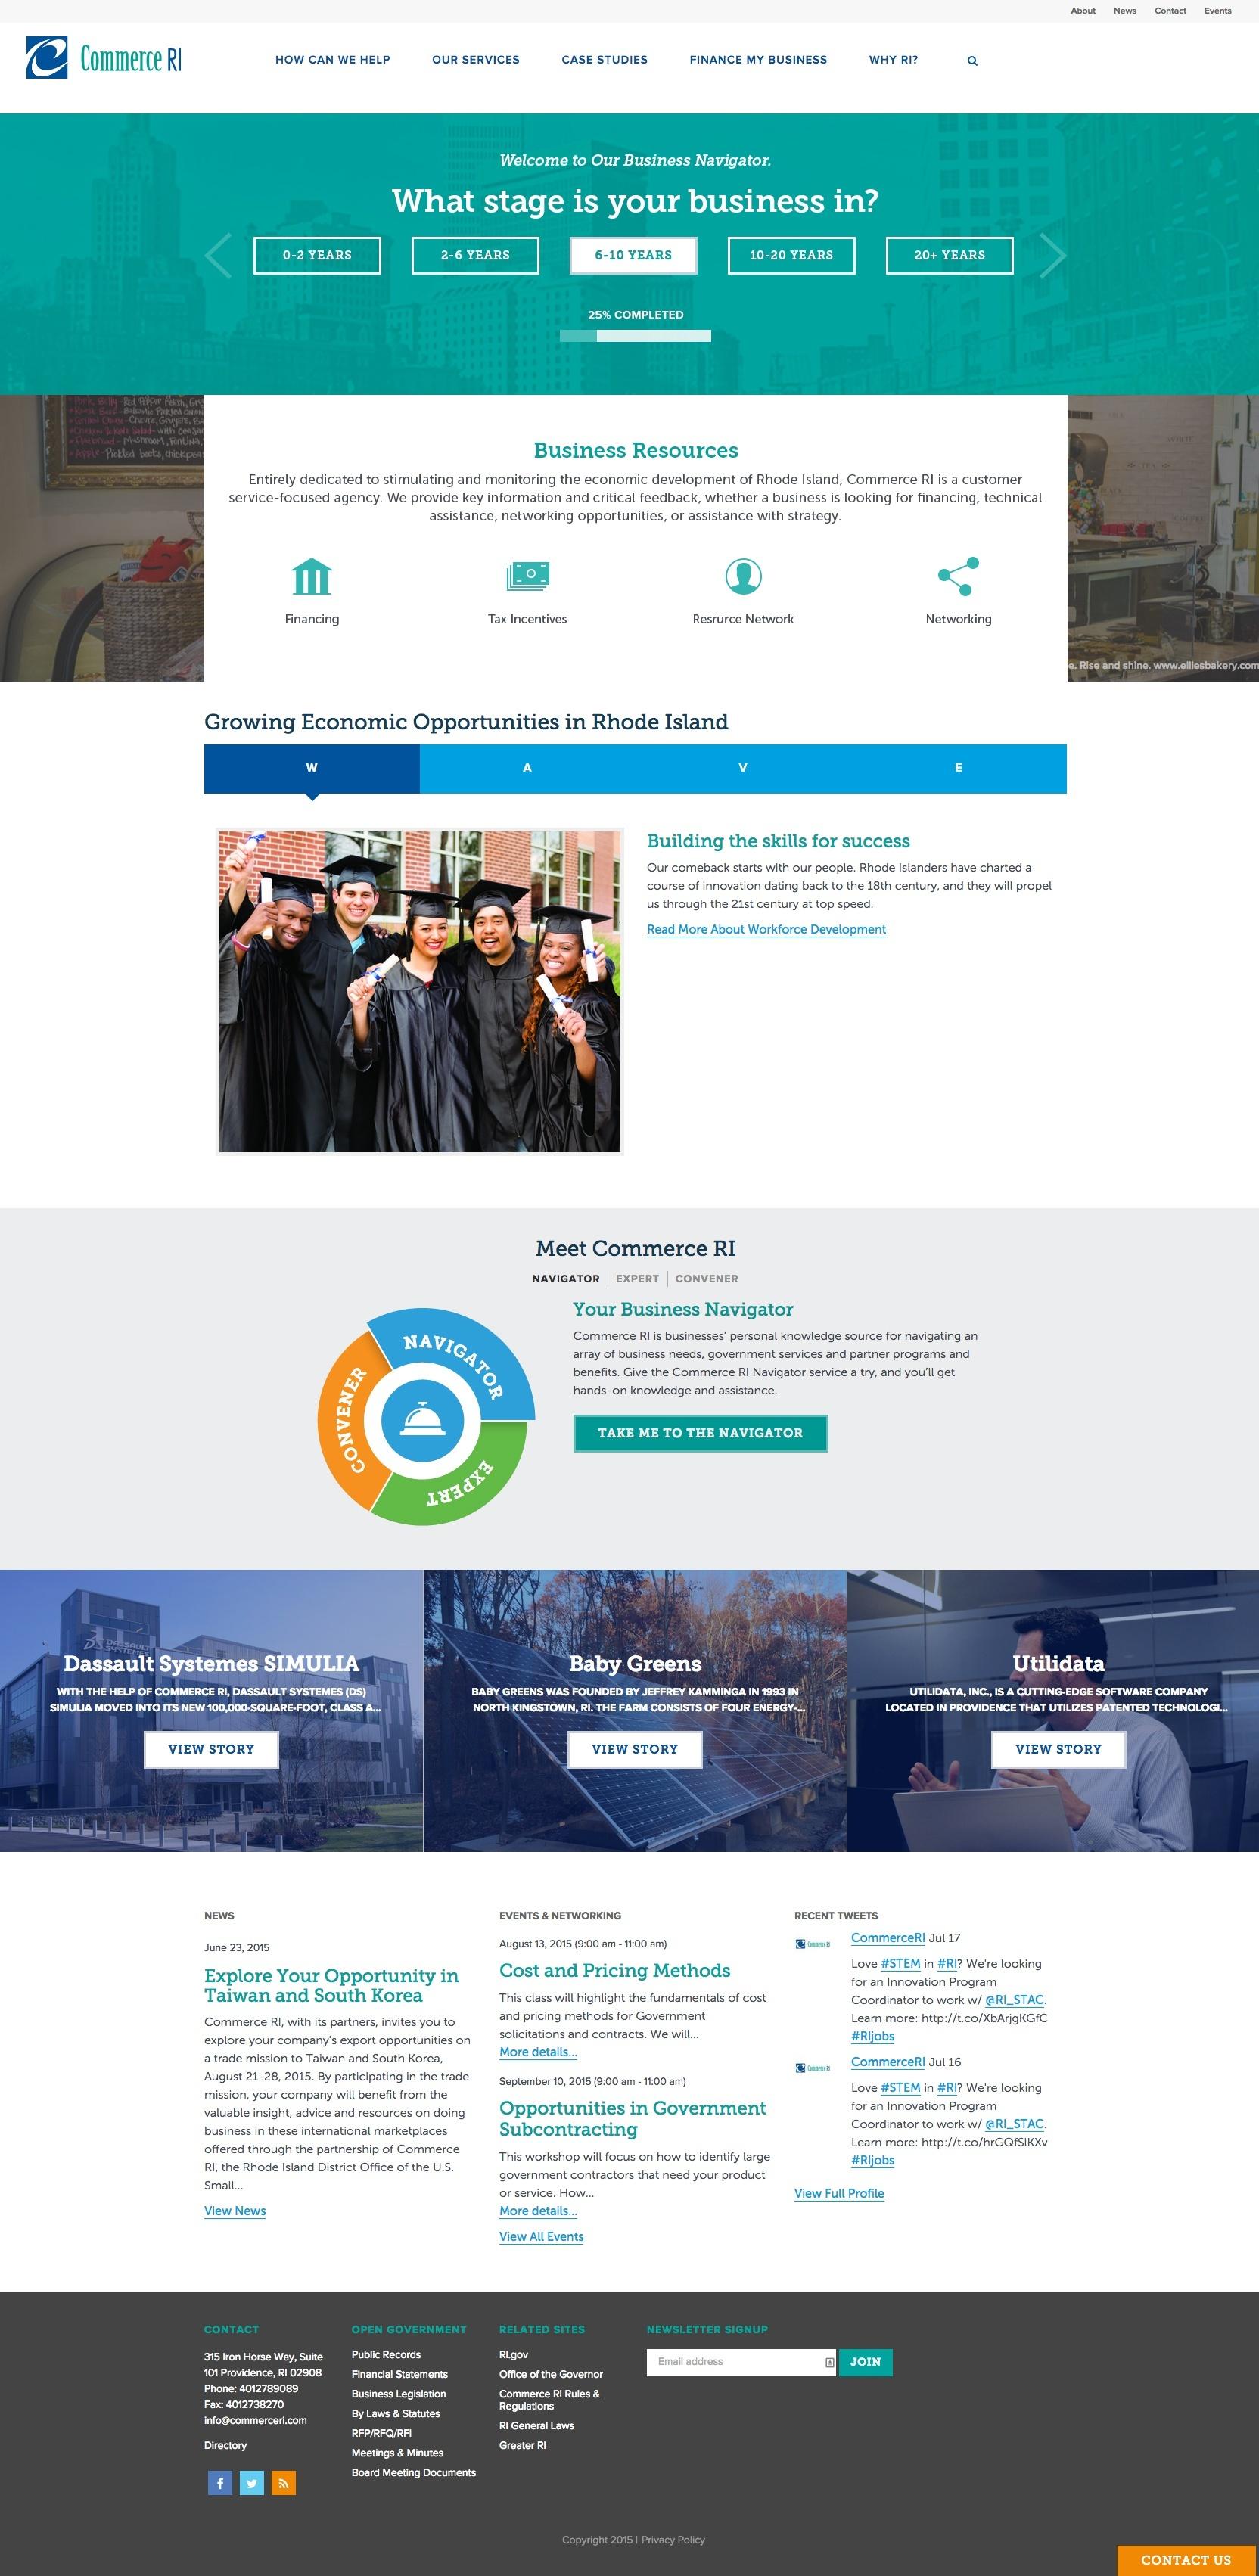 commerceri_web_homepage-newA-1-1.jpg